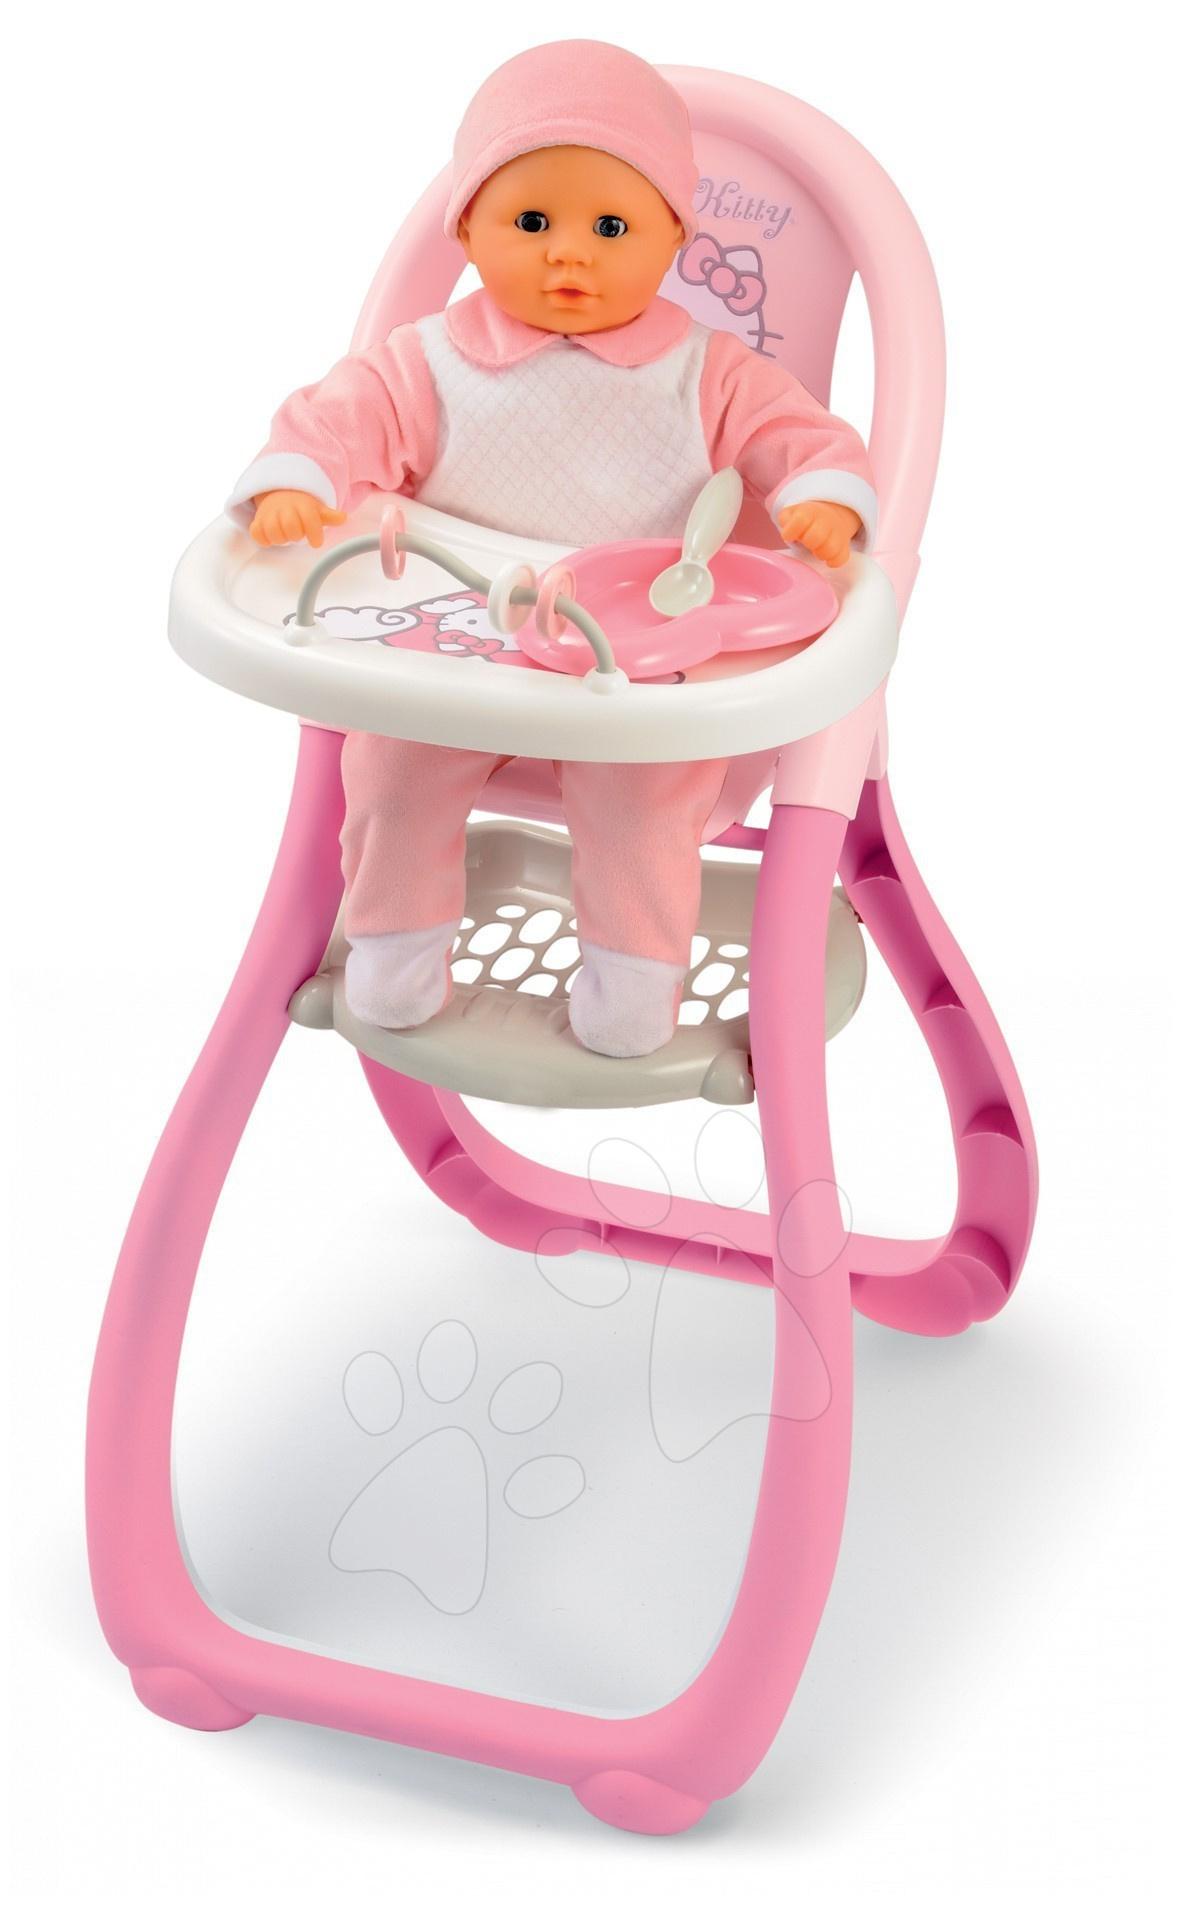 Jídelní židle Hello Kitty Smoby pro 42 cm panenku světle růžová od 18 měsíců